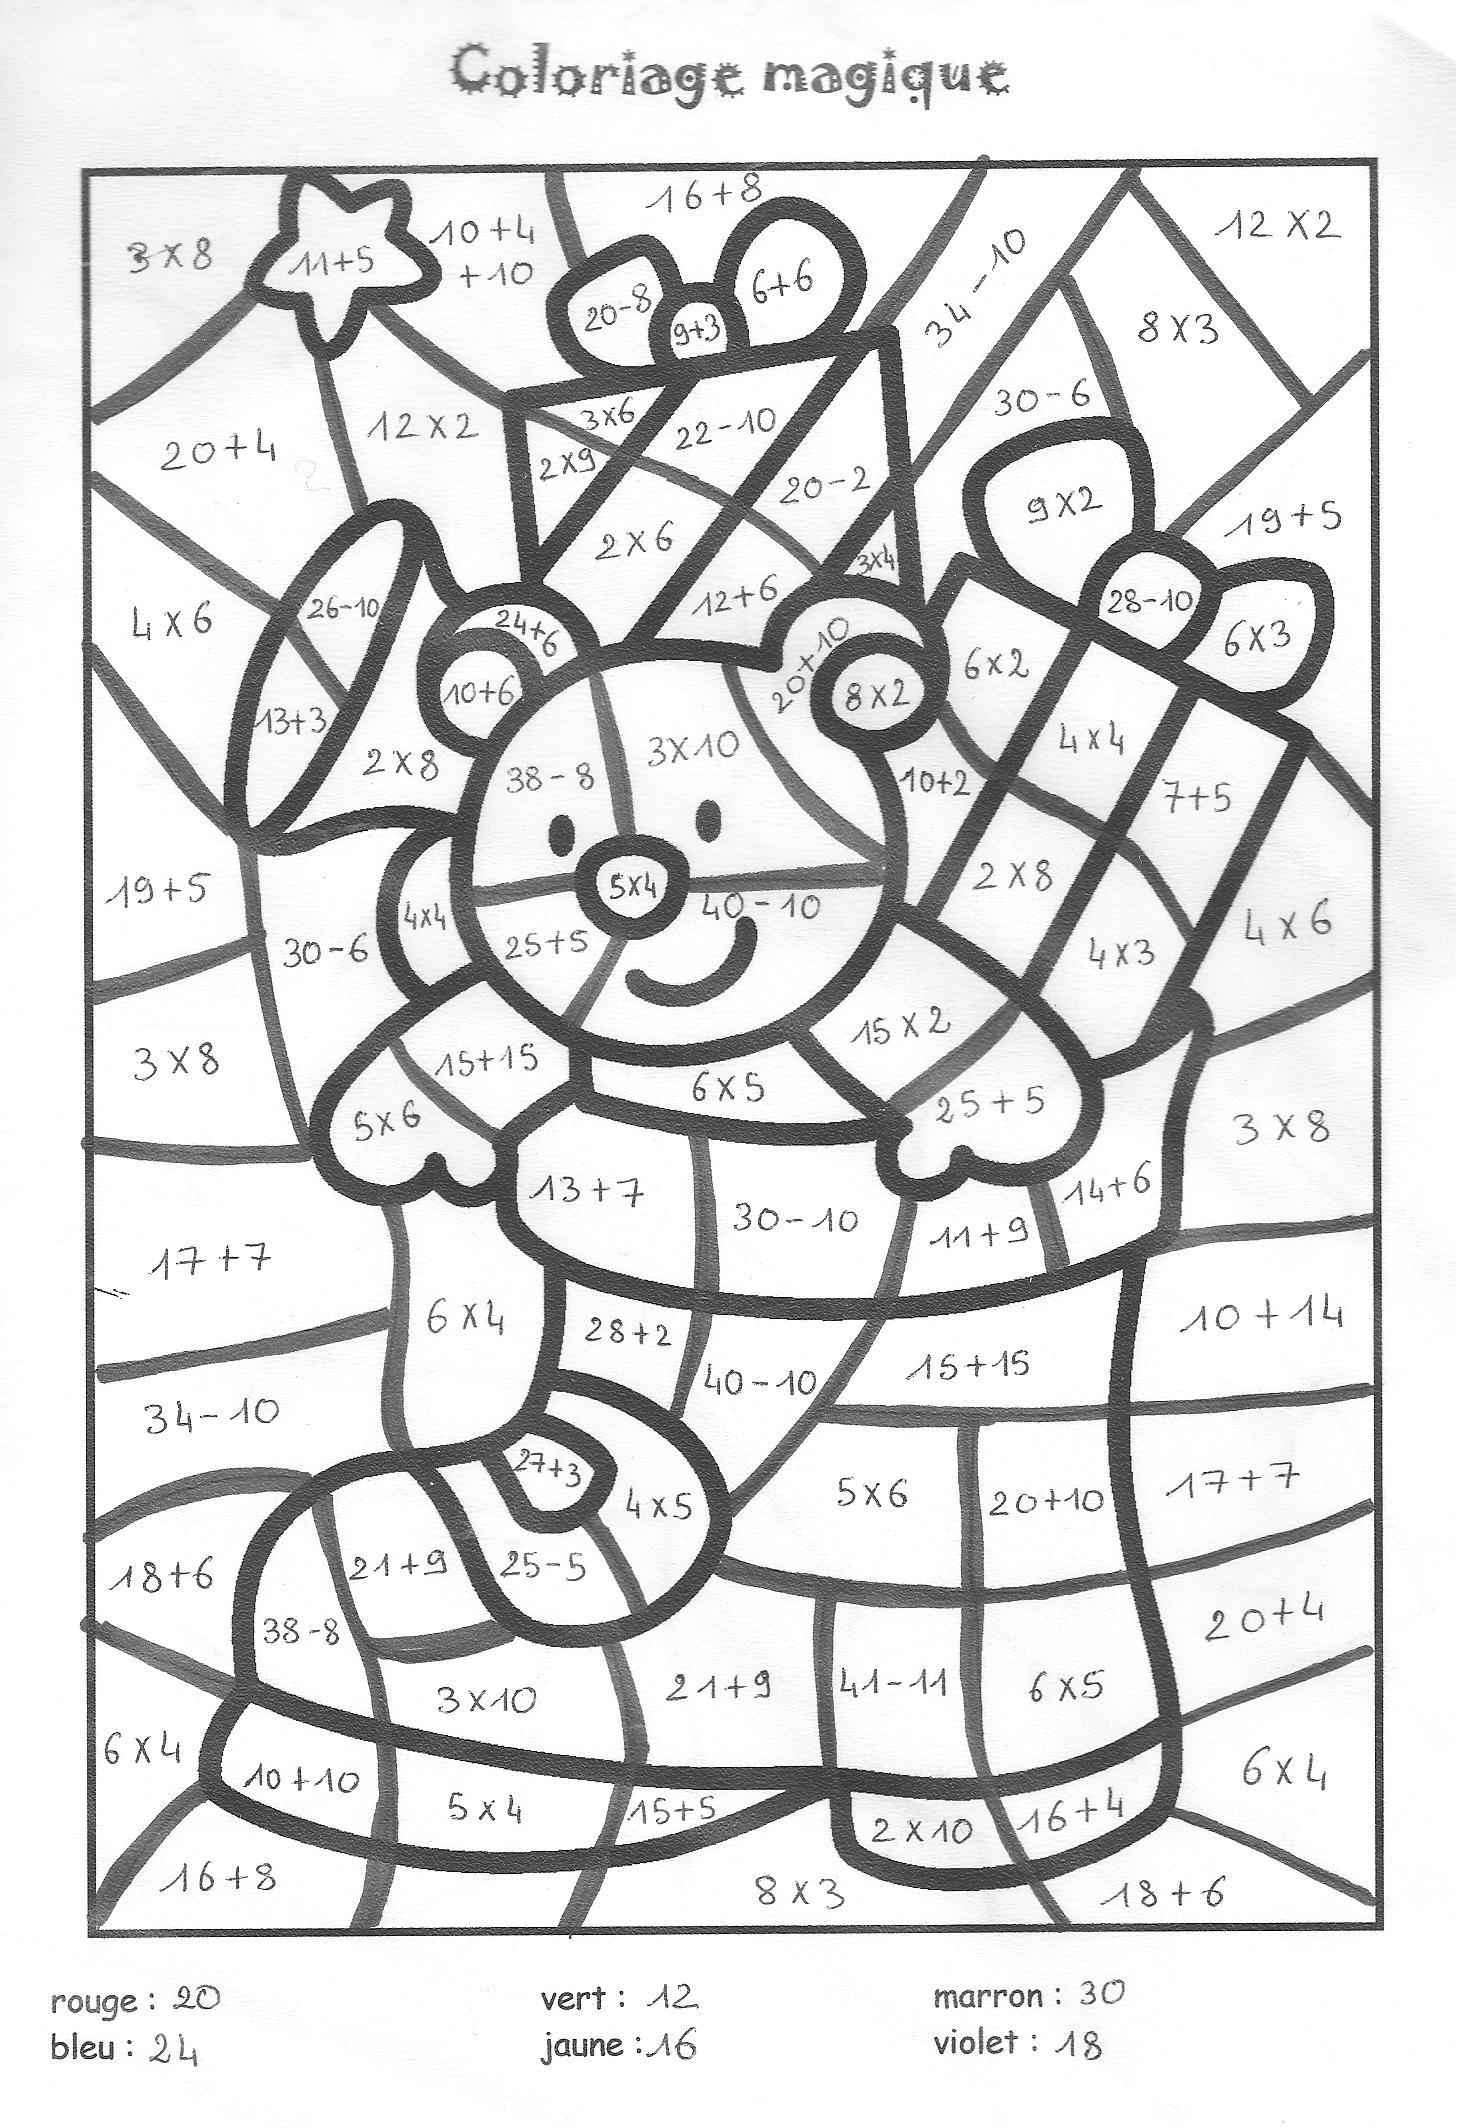 21 dessins de coloriage magique cm1 imprimer - Coloriage magique addition ce1 a imprimer ...